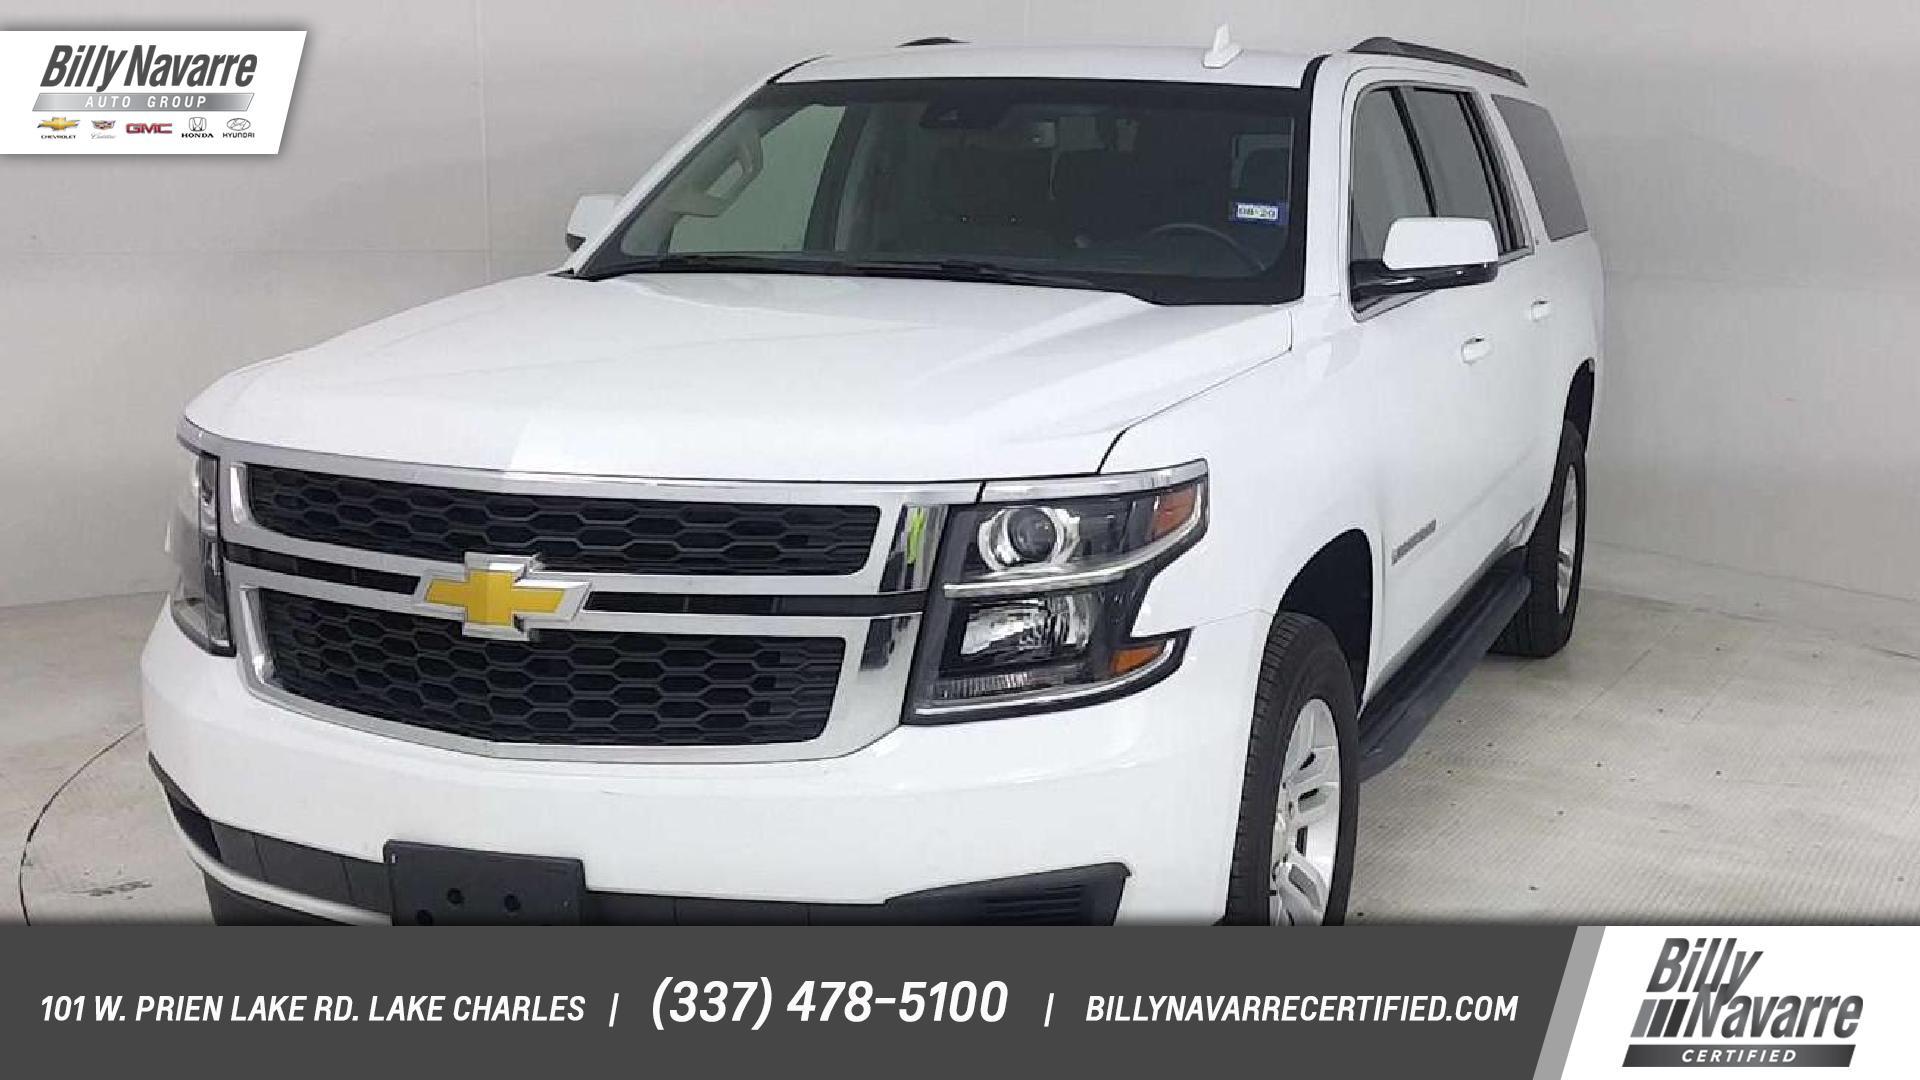 2019 Chevrolet Suburban Lt City Louisiana Billy Navarre